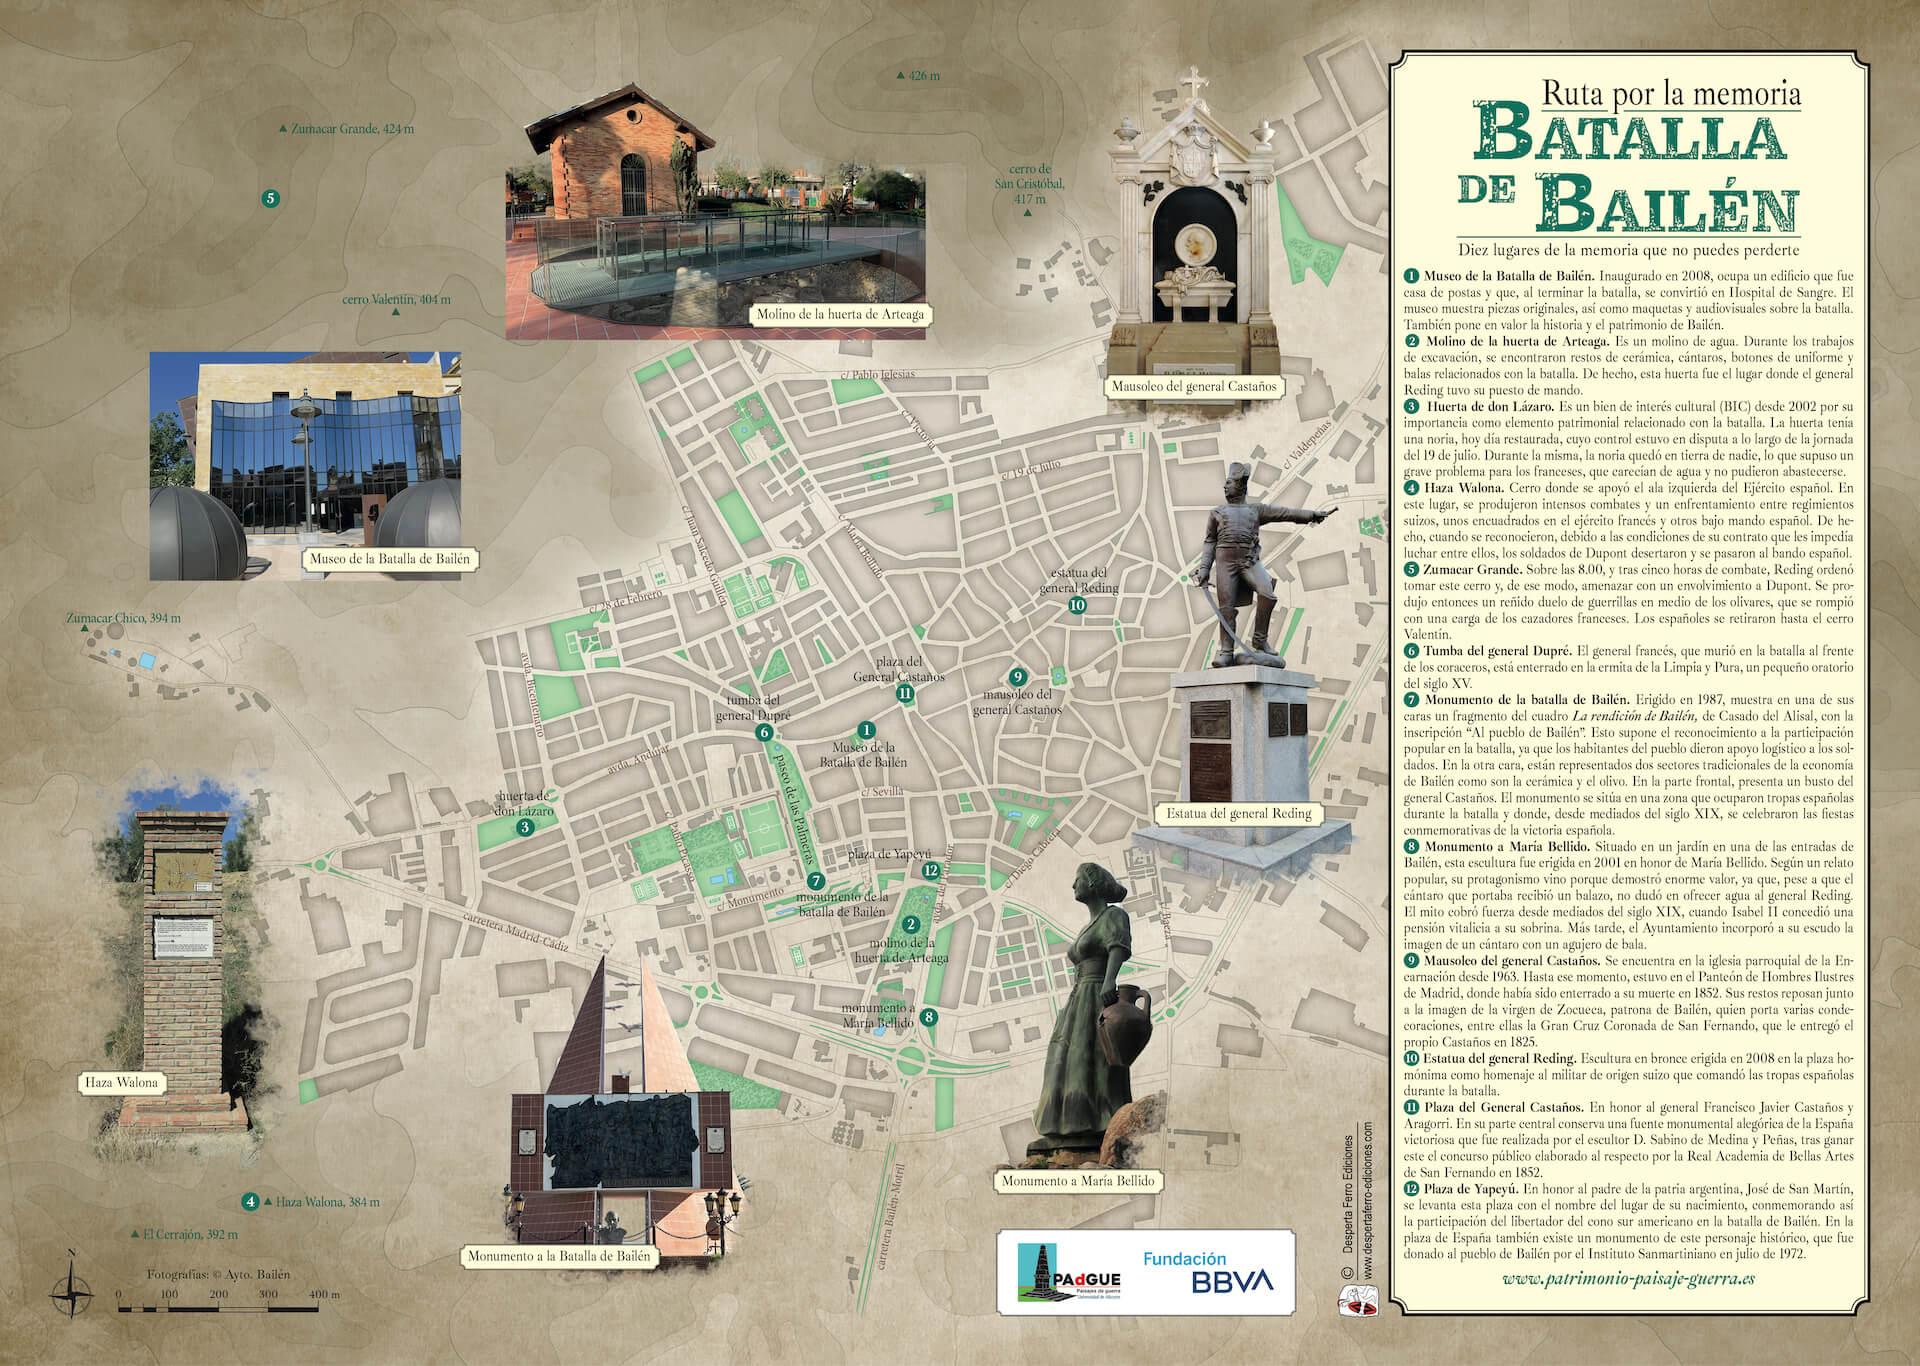 campo de batalla de Bailén